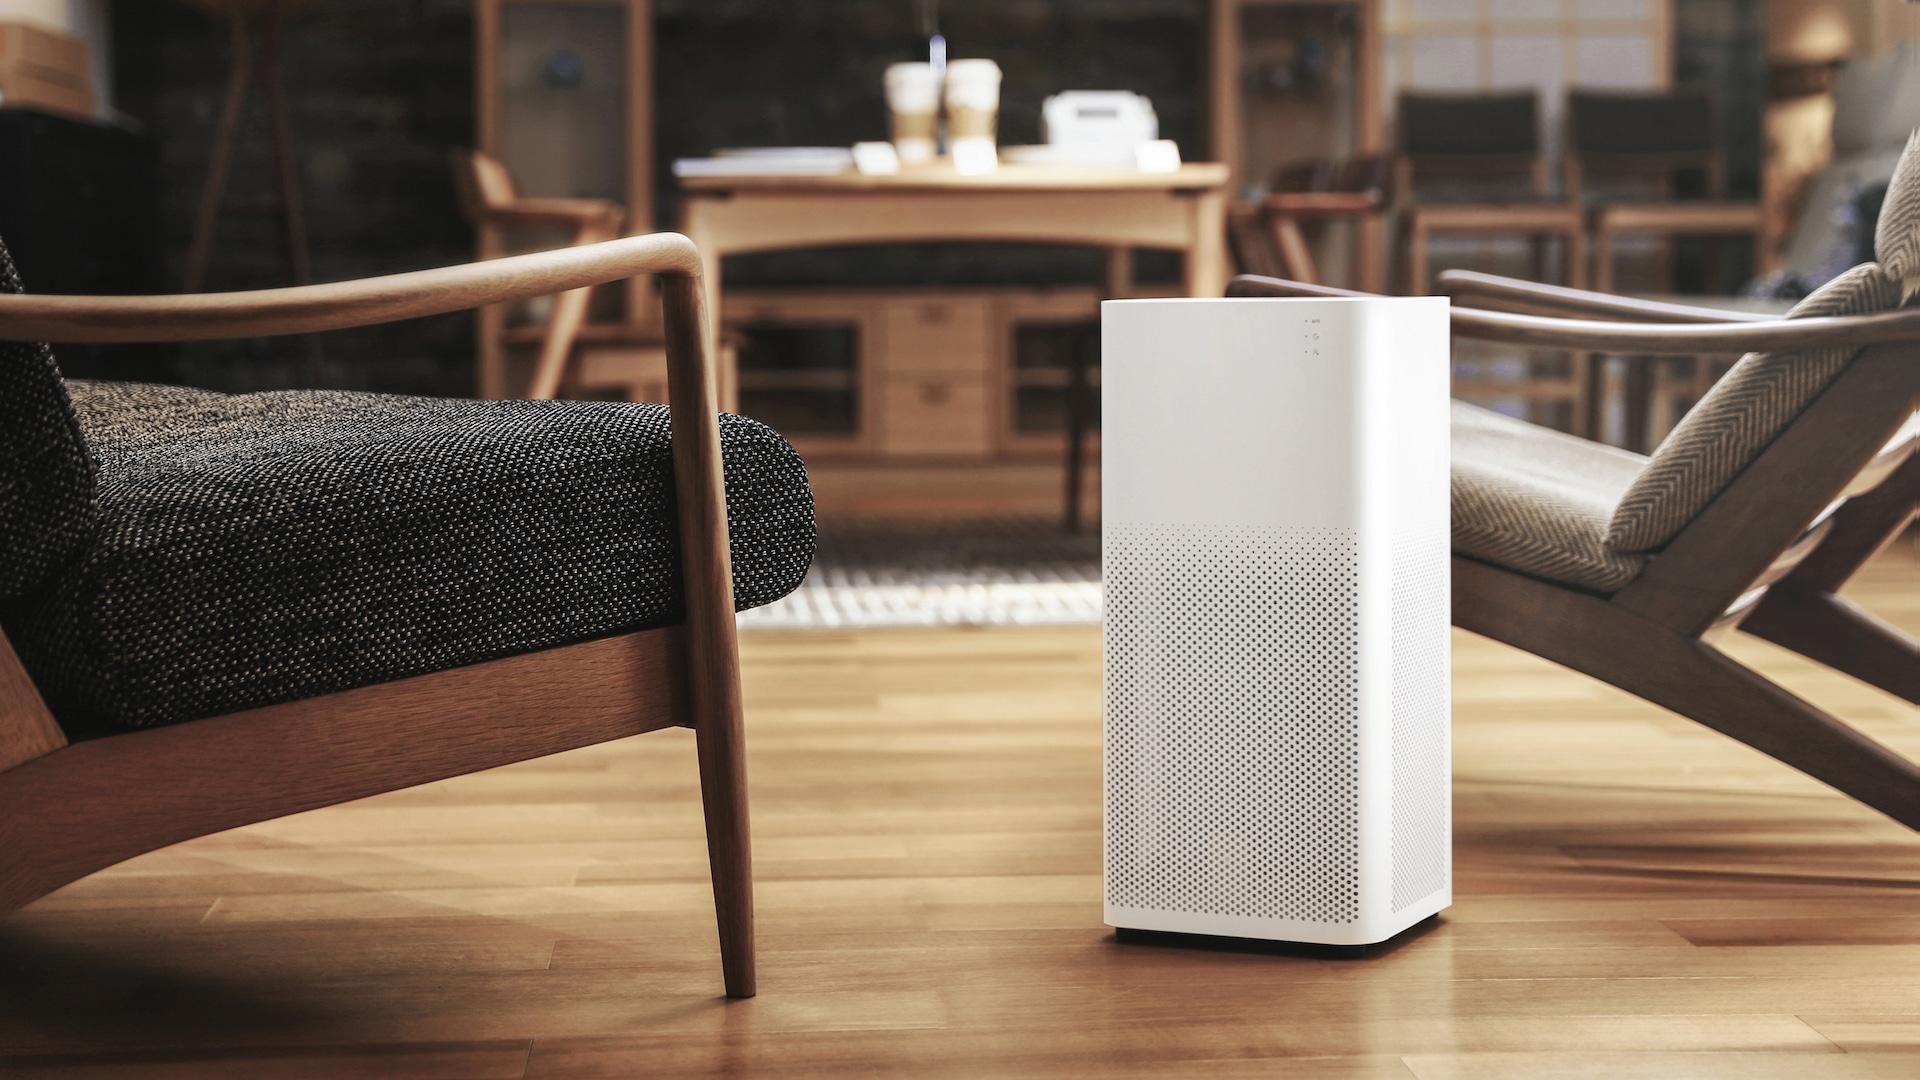 Ejemplo de purificador de aire en la habitación de un hogar